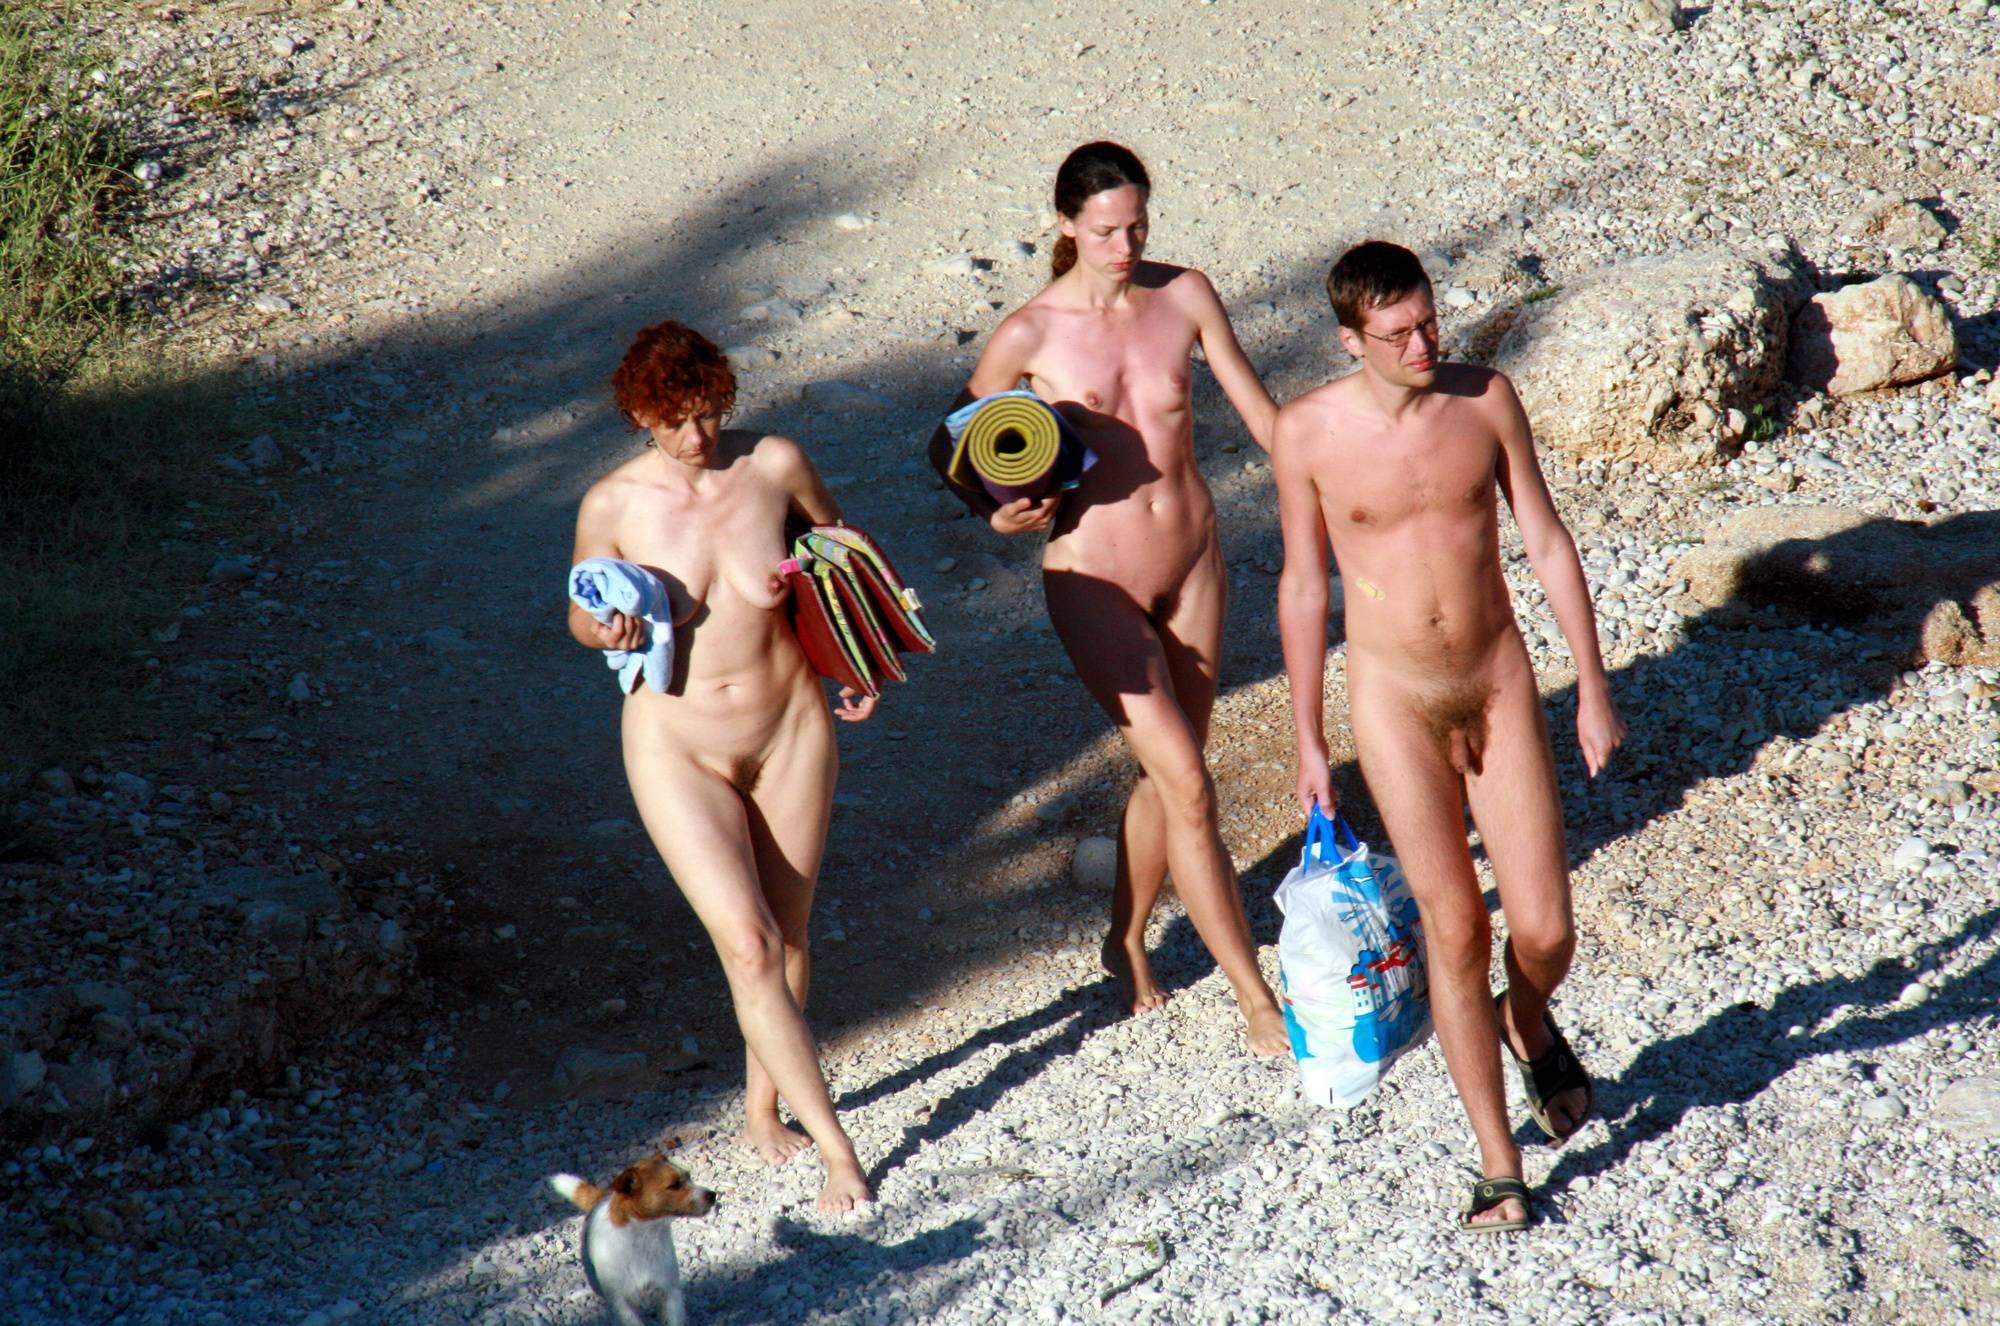 Purenudism Photos-Nude Beach Resting Board - 4